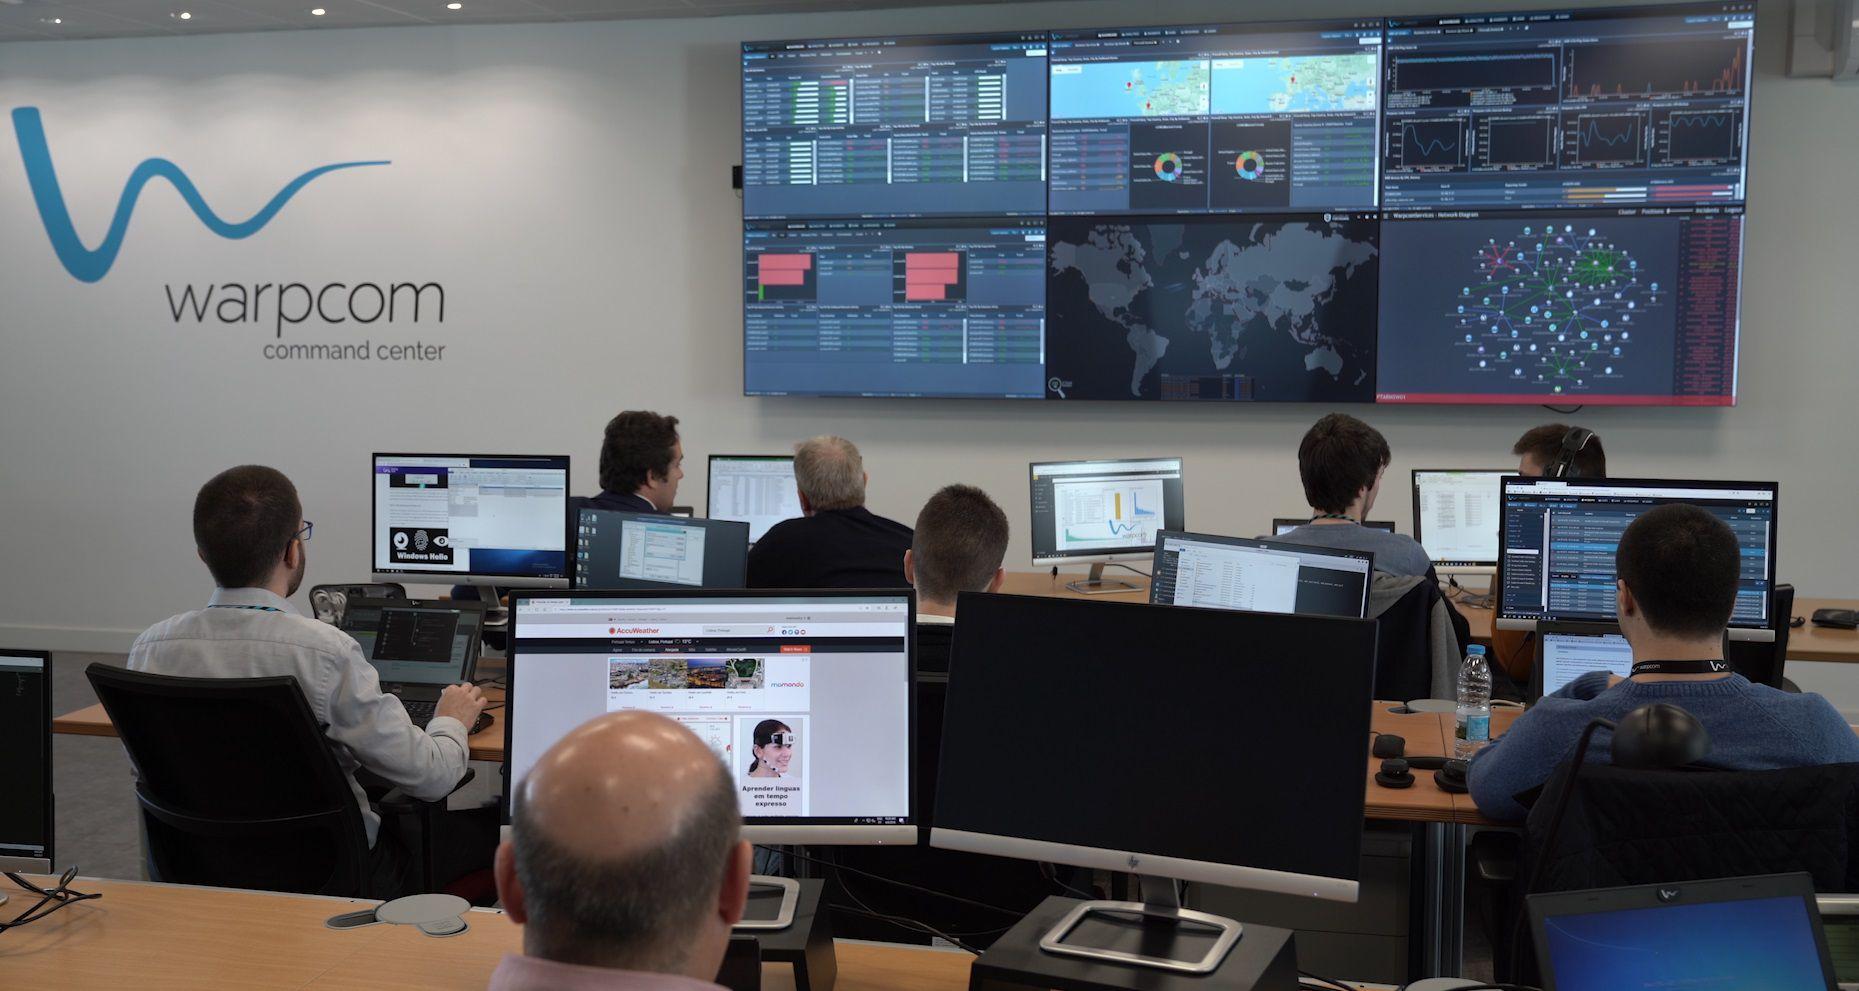 Warpcom Command Center - Serviços Geridos (NOC e SOC) e Serviços de Suporte